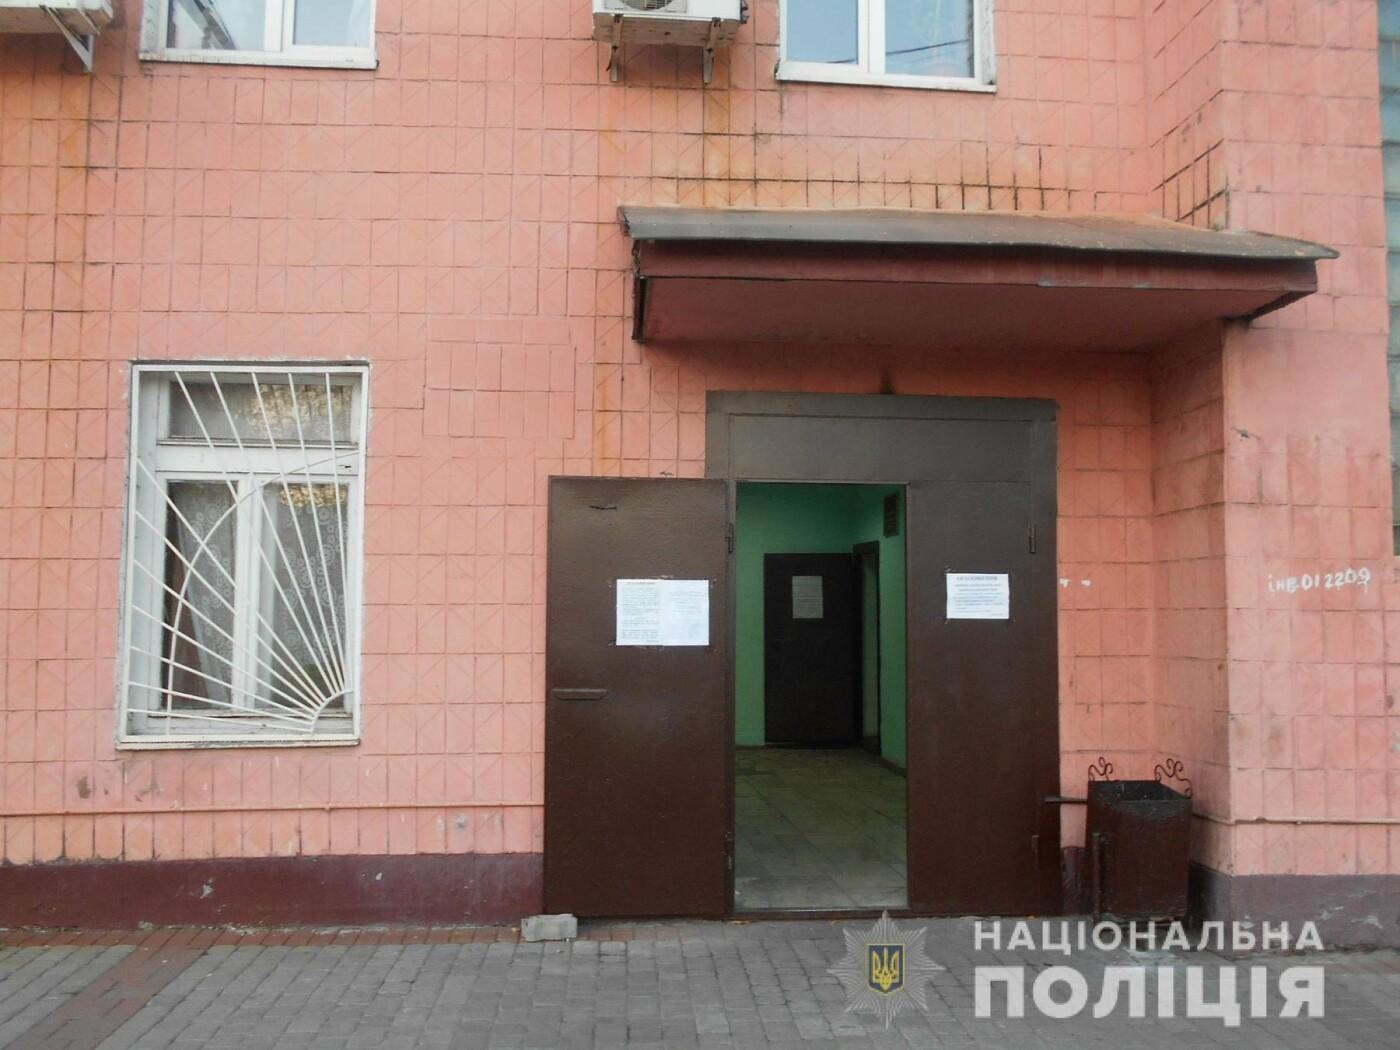 Утром в Харькове неизвестные взорвали банкомат и унесли деньги, - ФОТО, фото-3